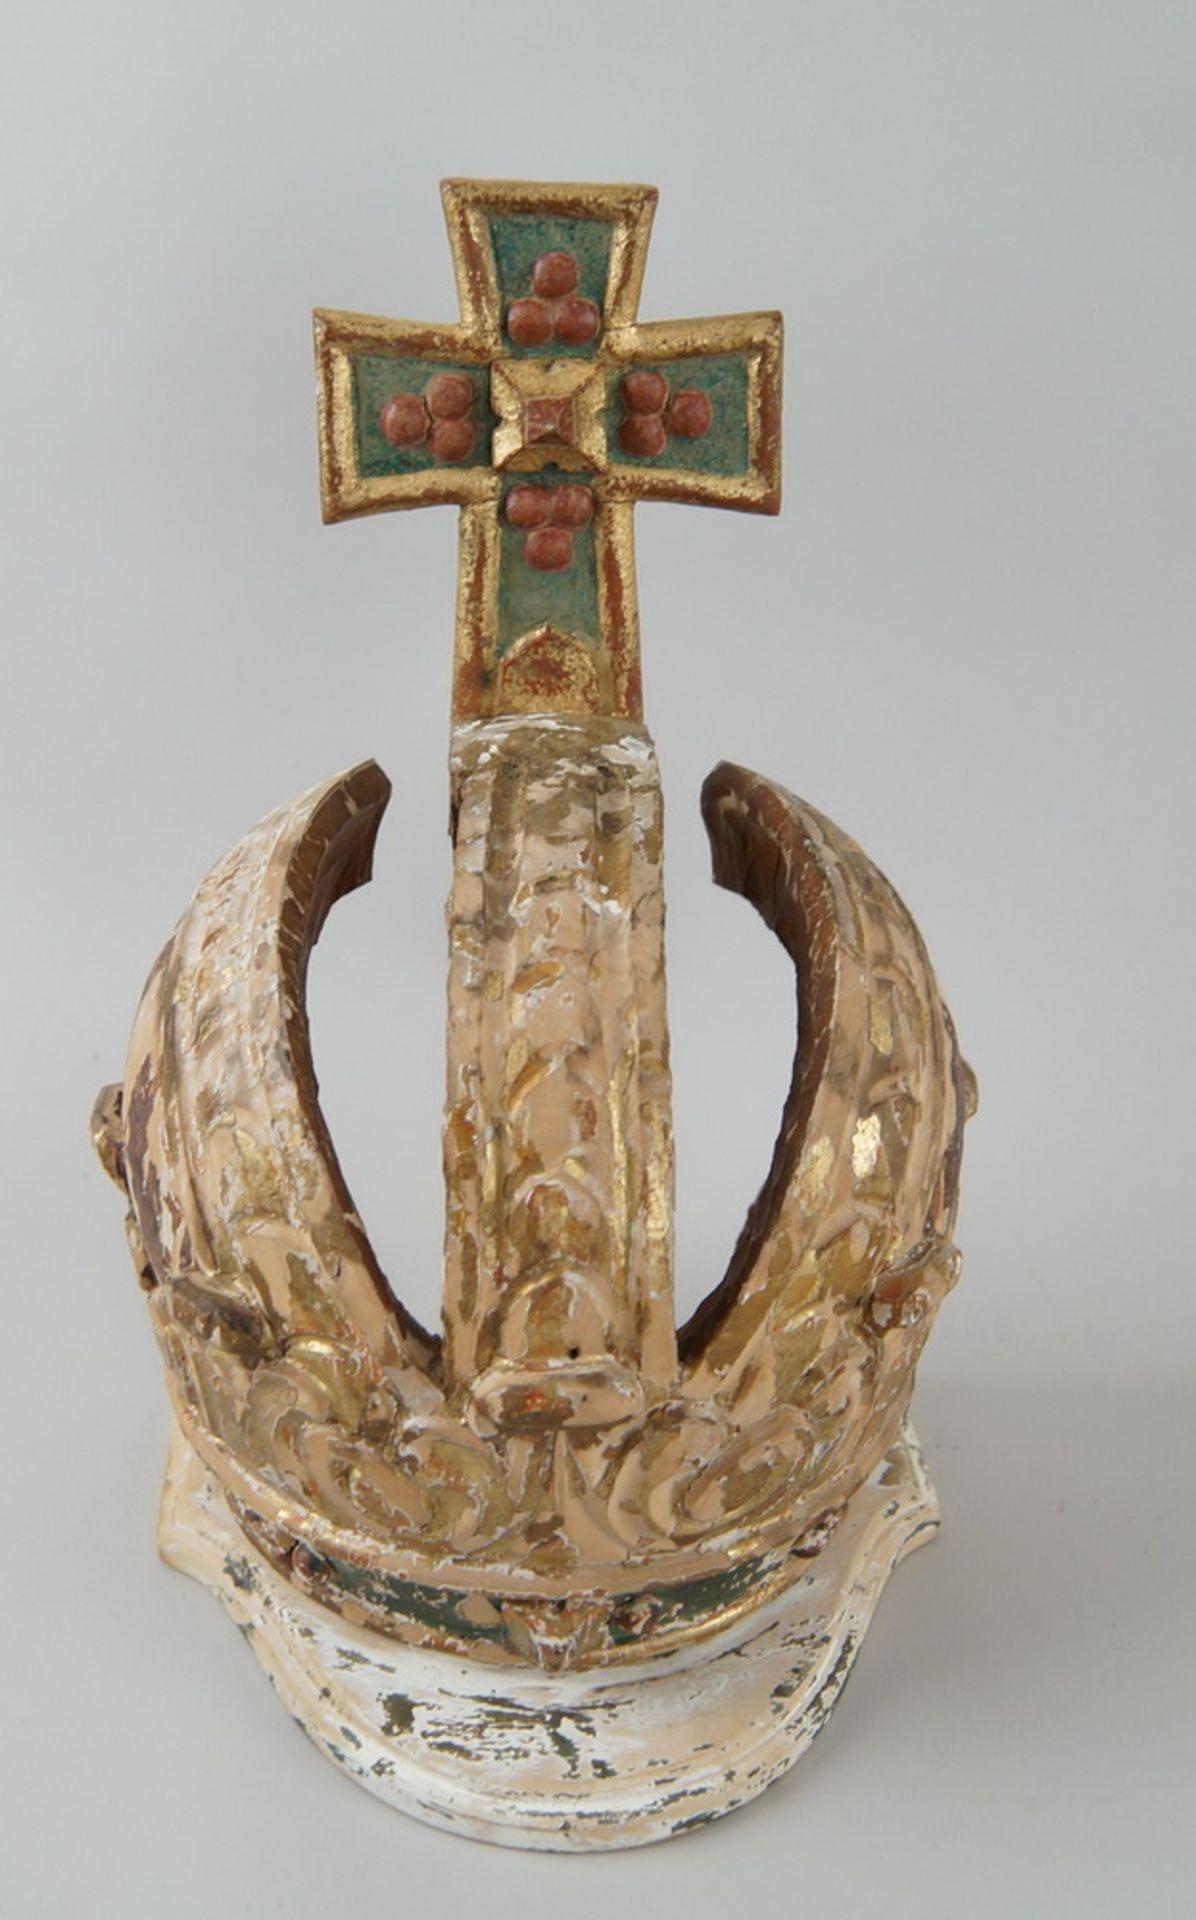 Prunkvolle Krone, Holz geschnitzt und gefasst/vergoldet, Fassung altersbedingt beschädigt,18. JH, - Bild 2 aus 6